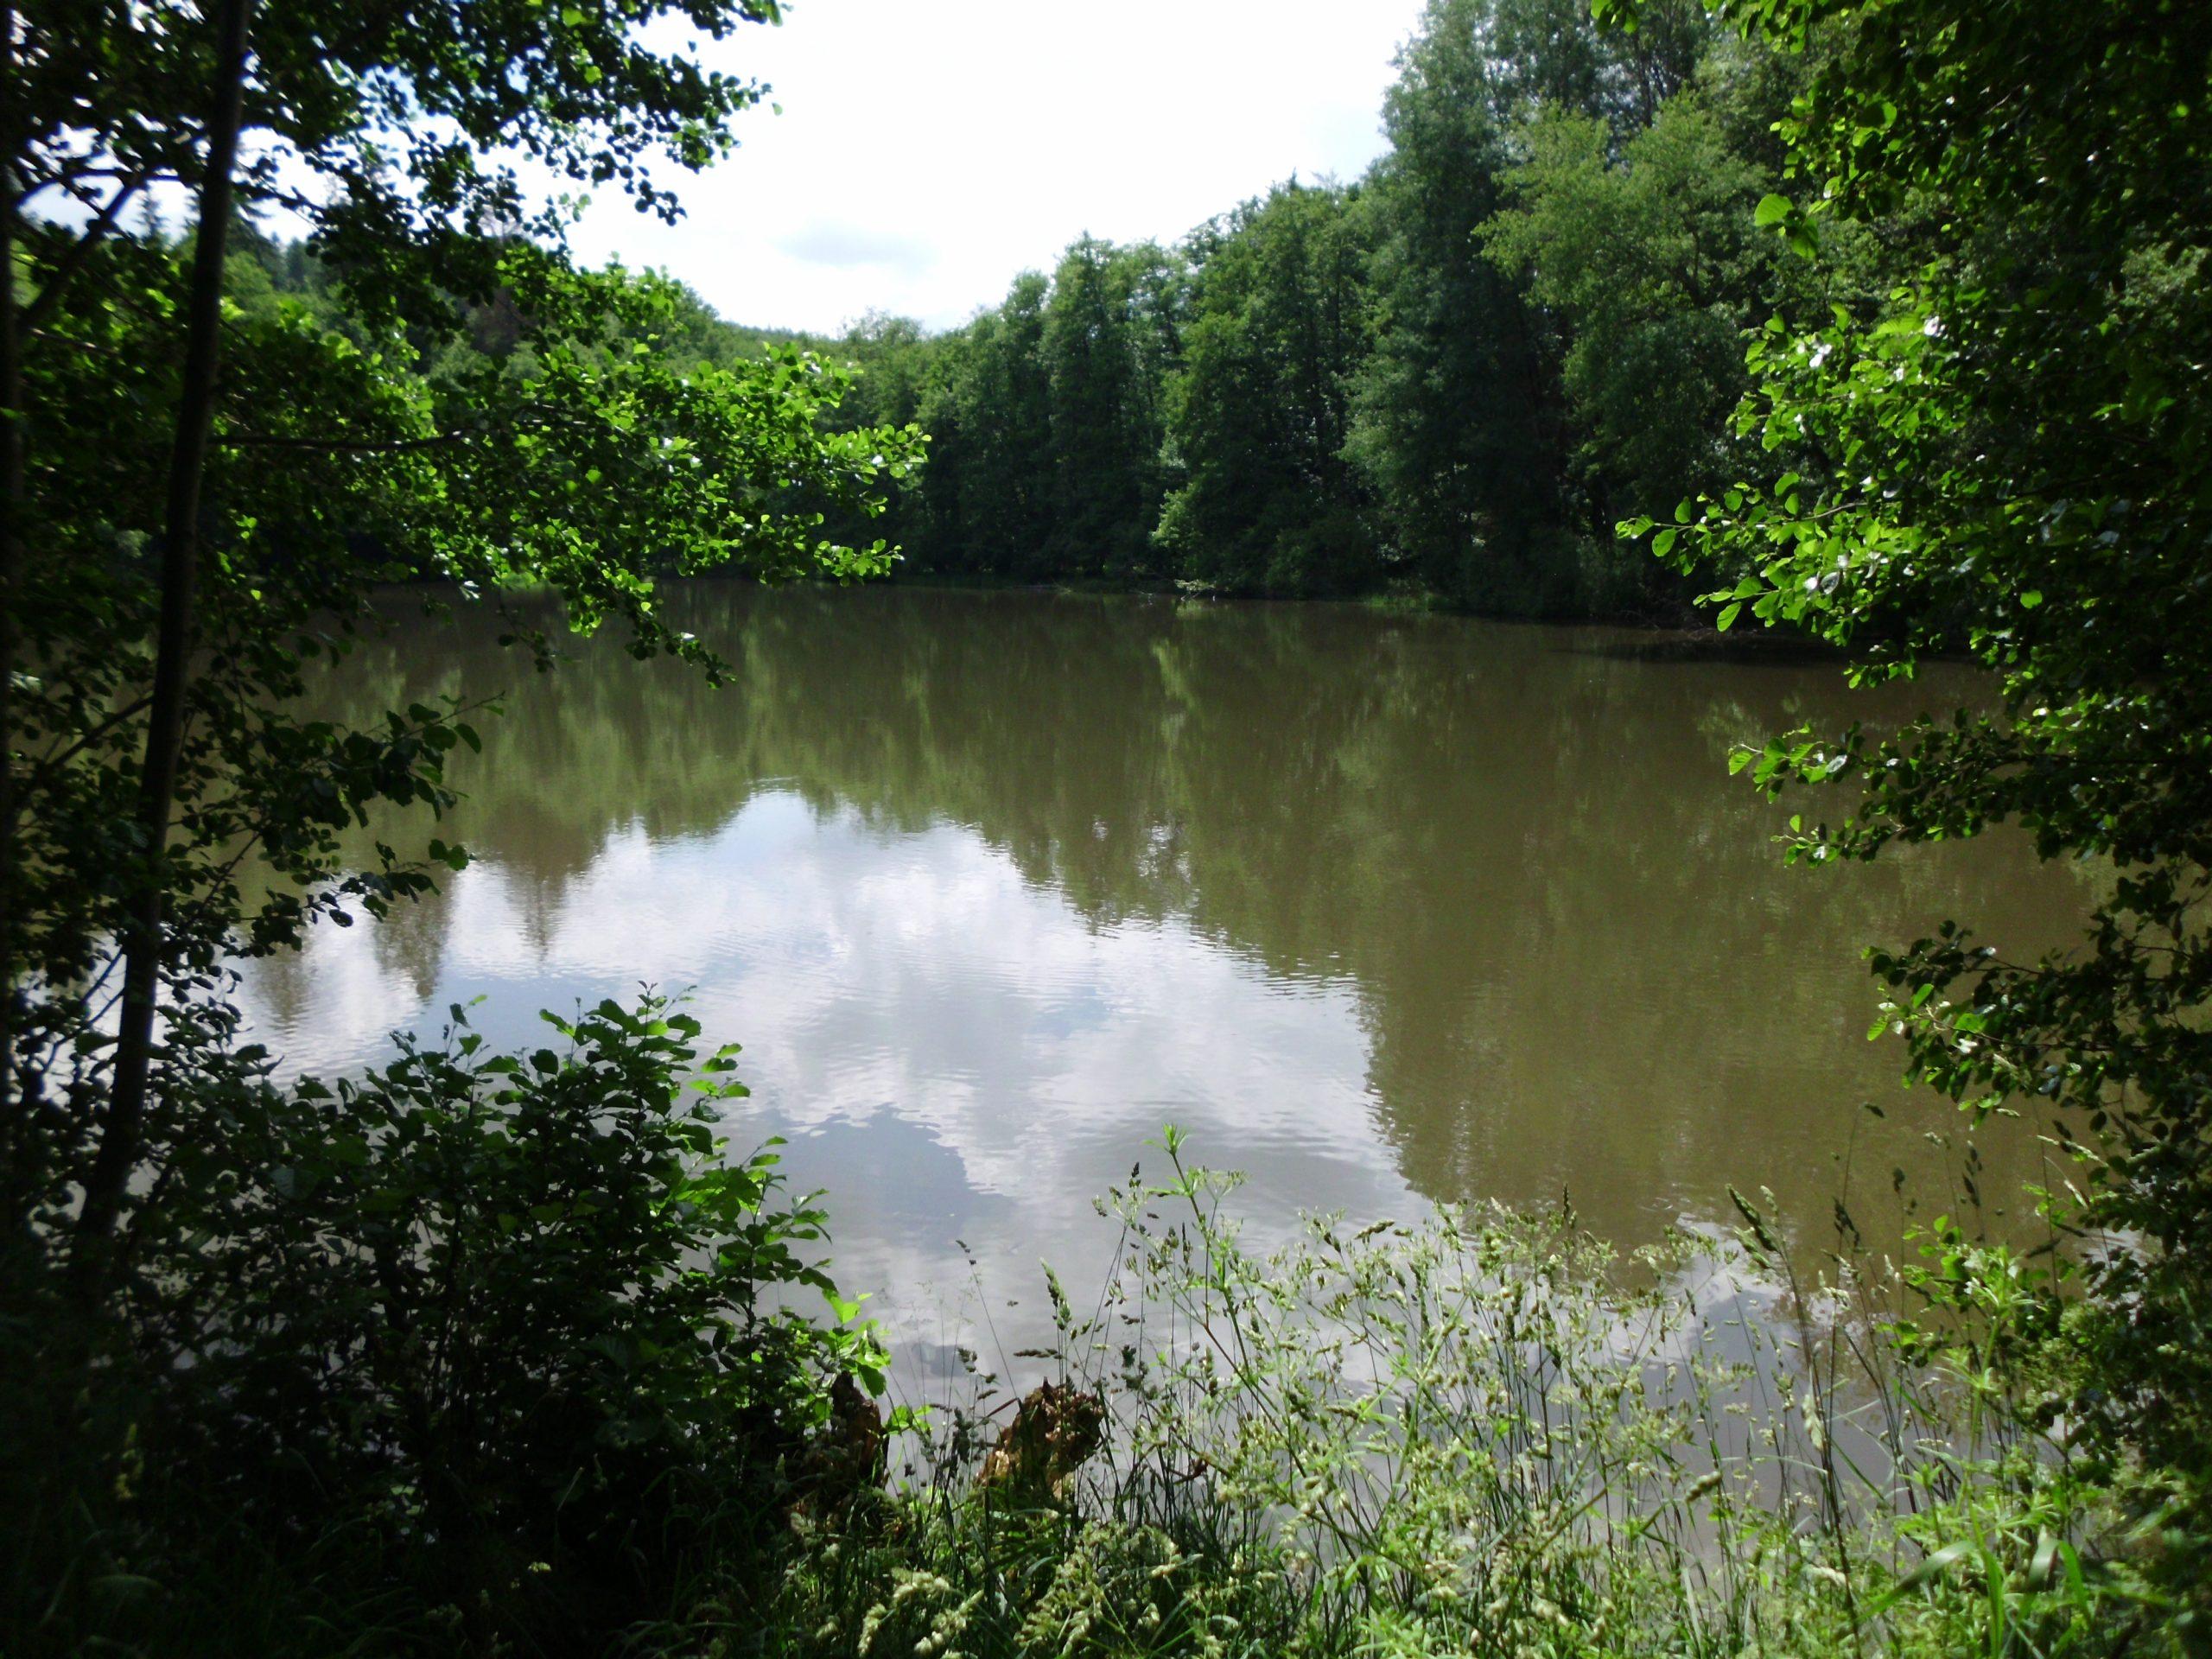 Malchusteich im Wald bei Ersrode (EndeJuni 2021)